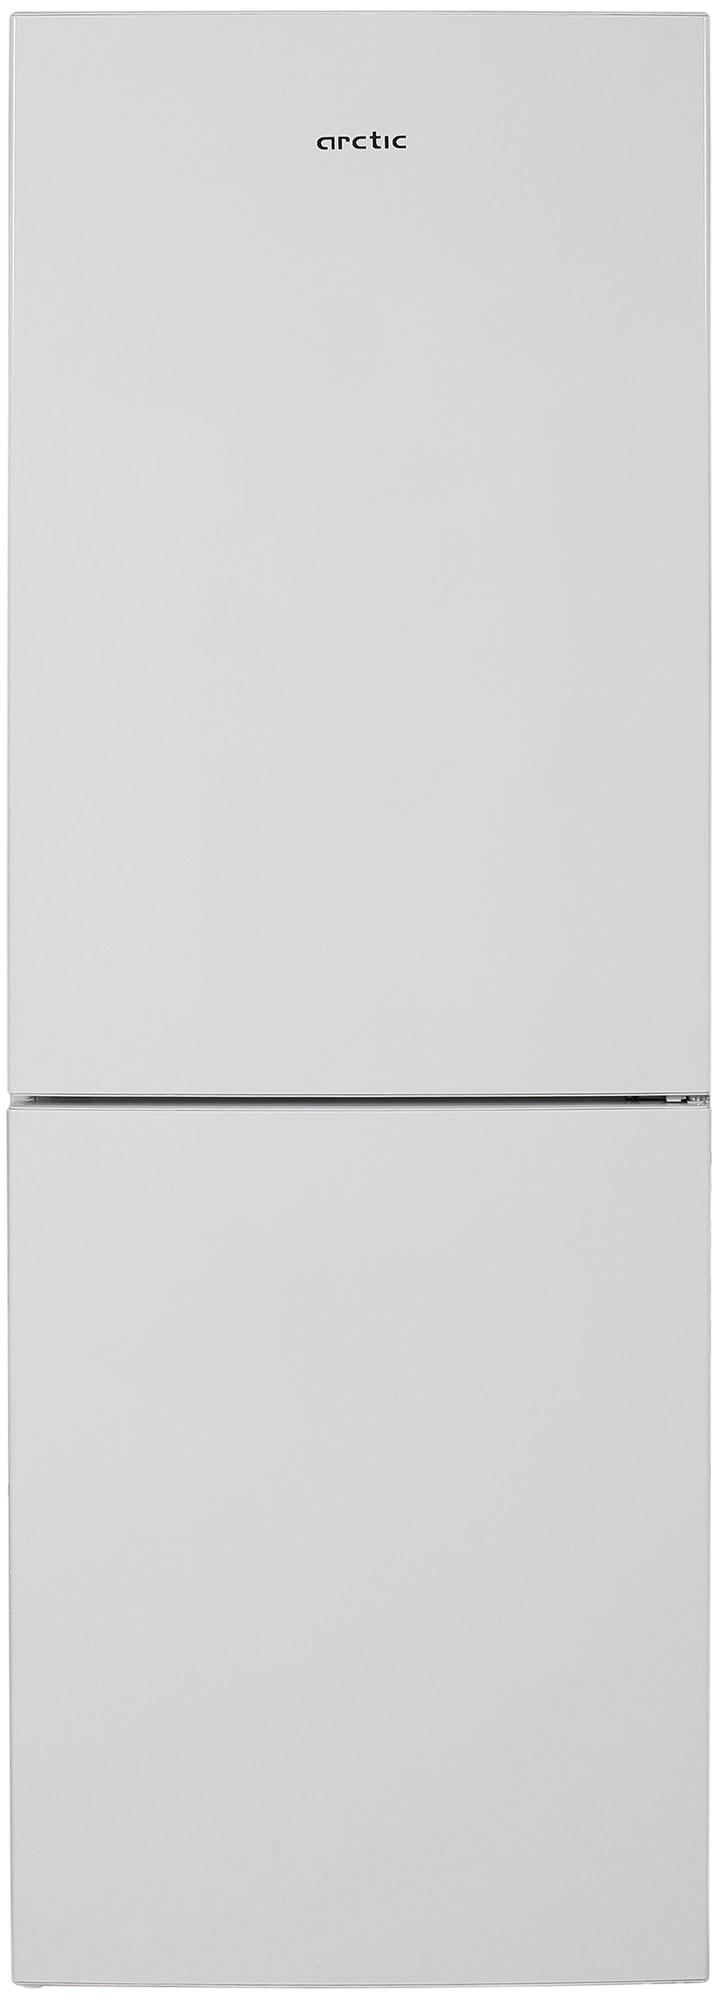 Combina frigorifica Arctic AK60360M30W, 334 L, Usi reversibile, Alb, F